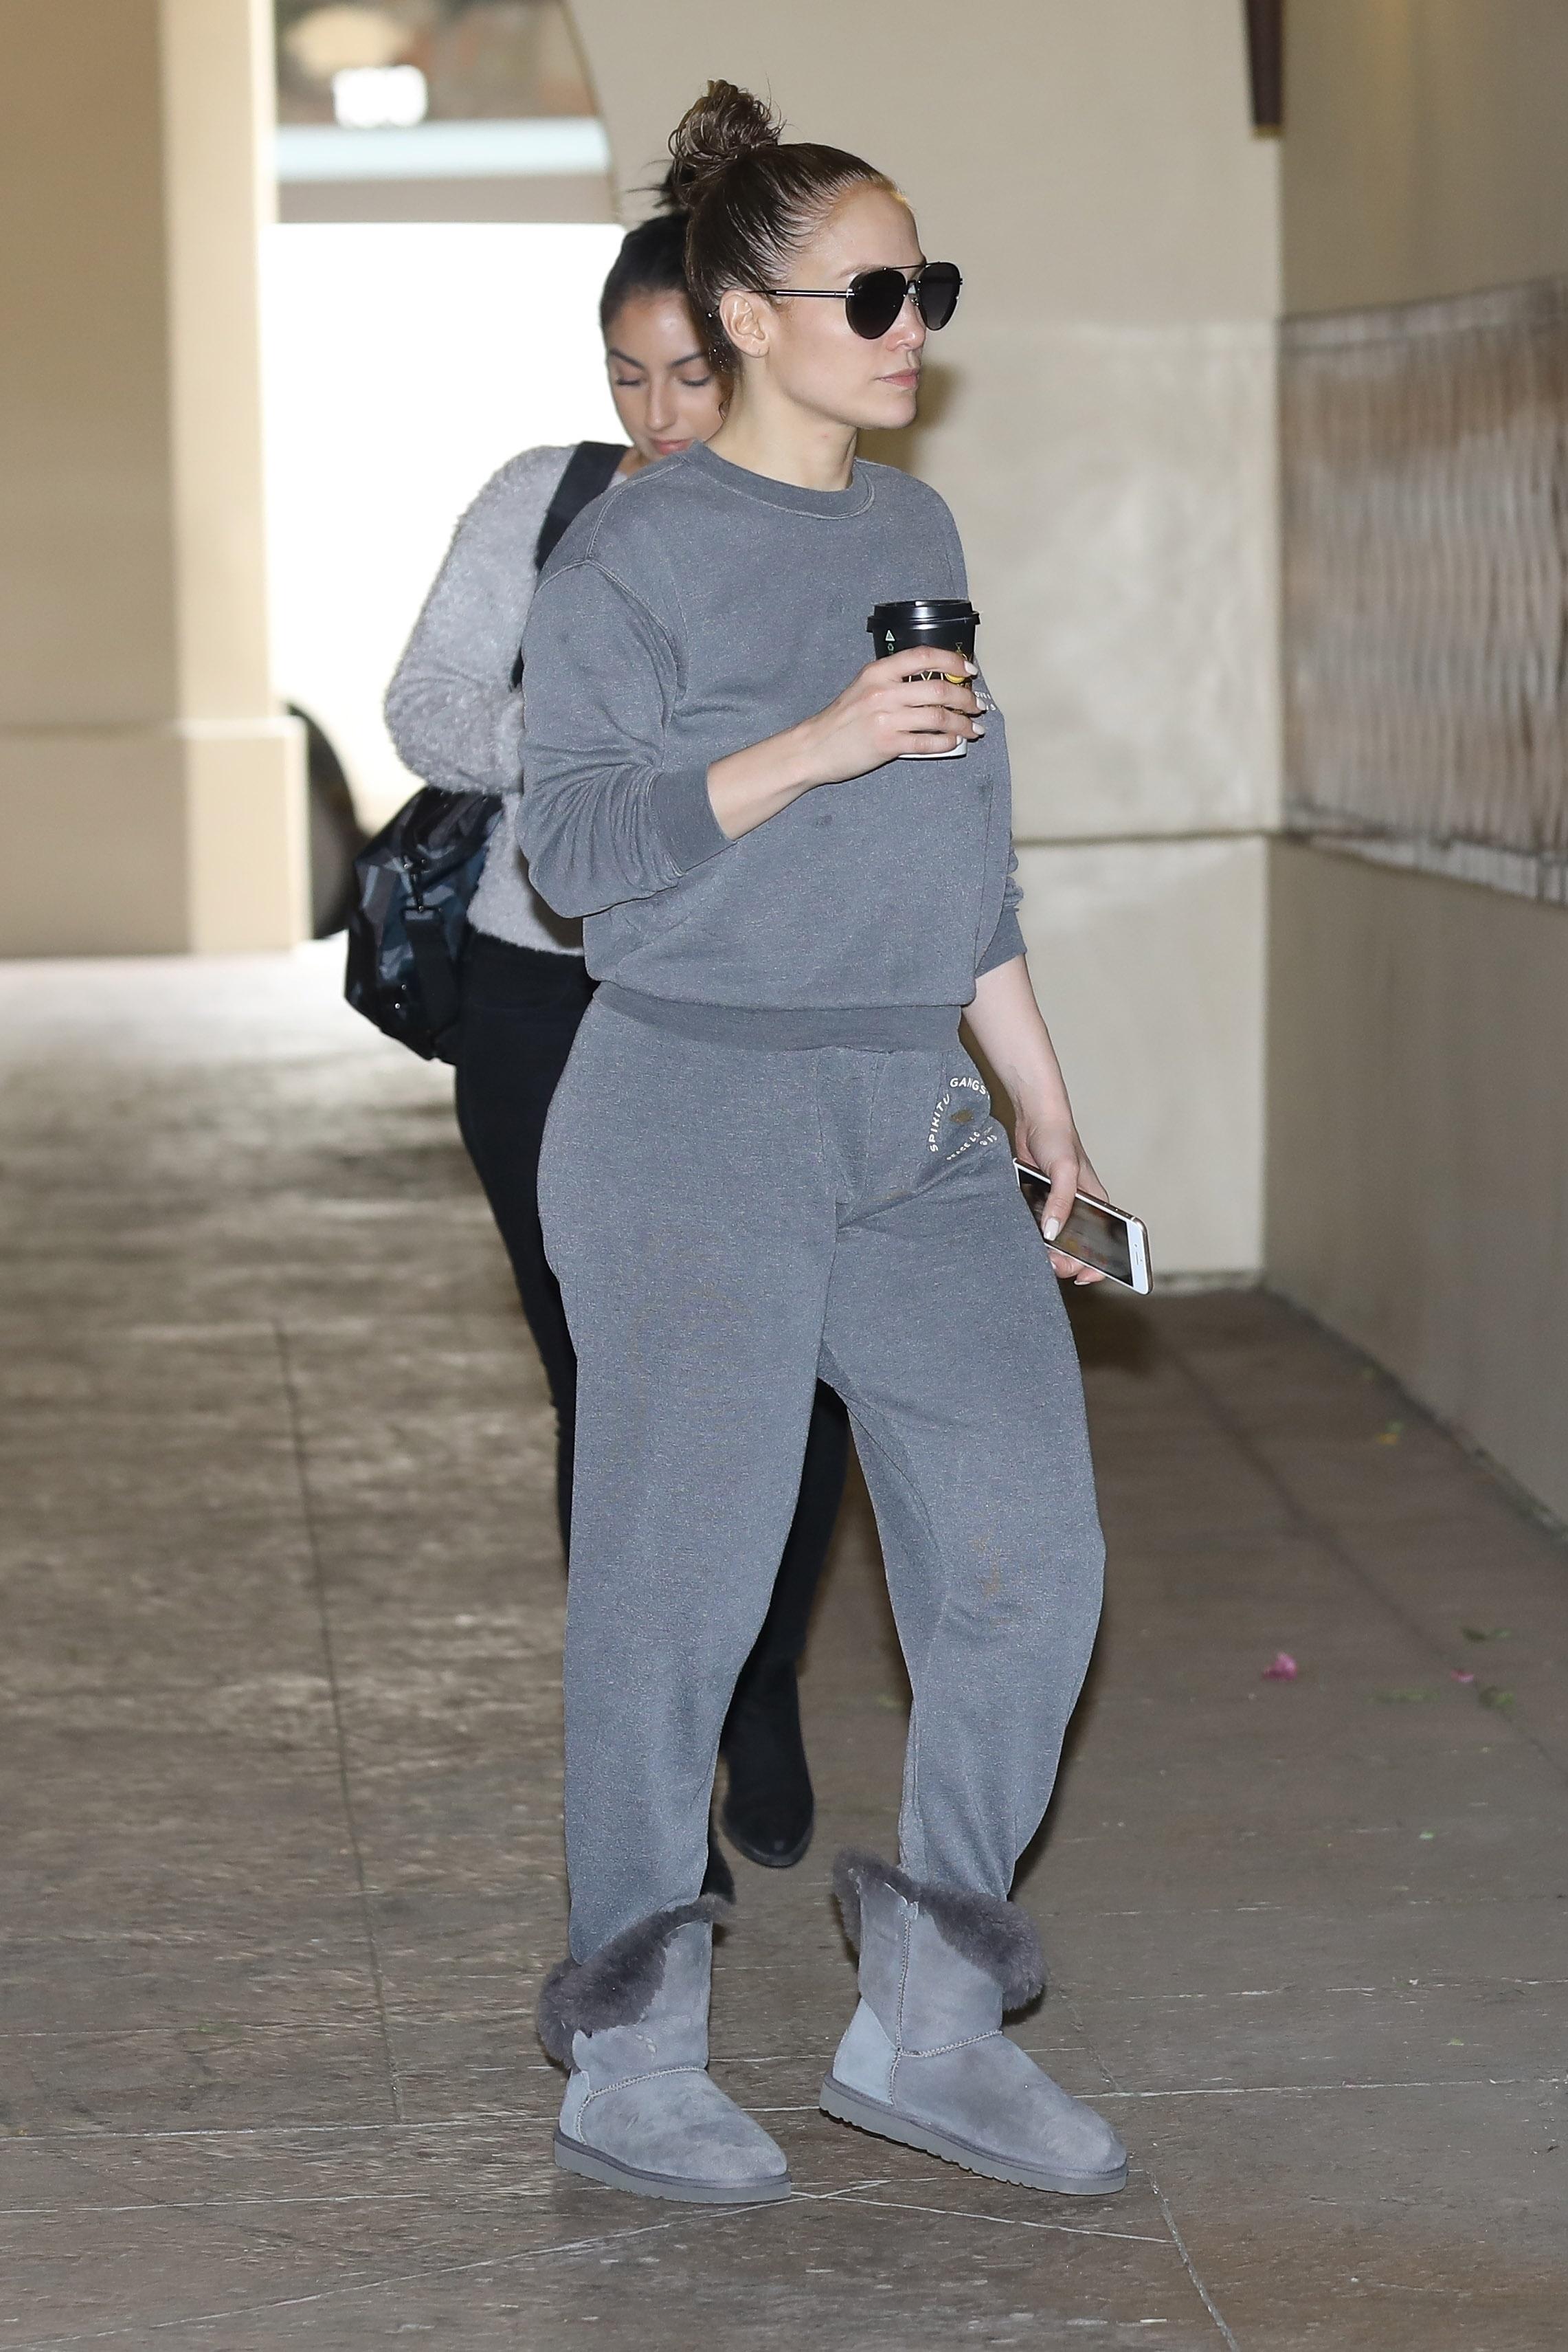 Jennifer Lopez, Jlo, looks, estilo, style